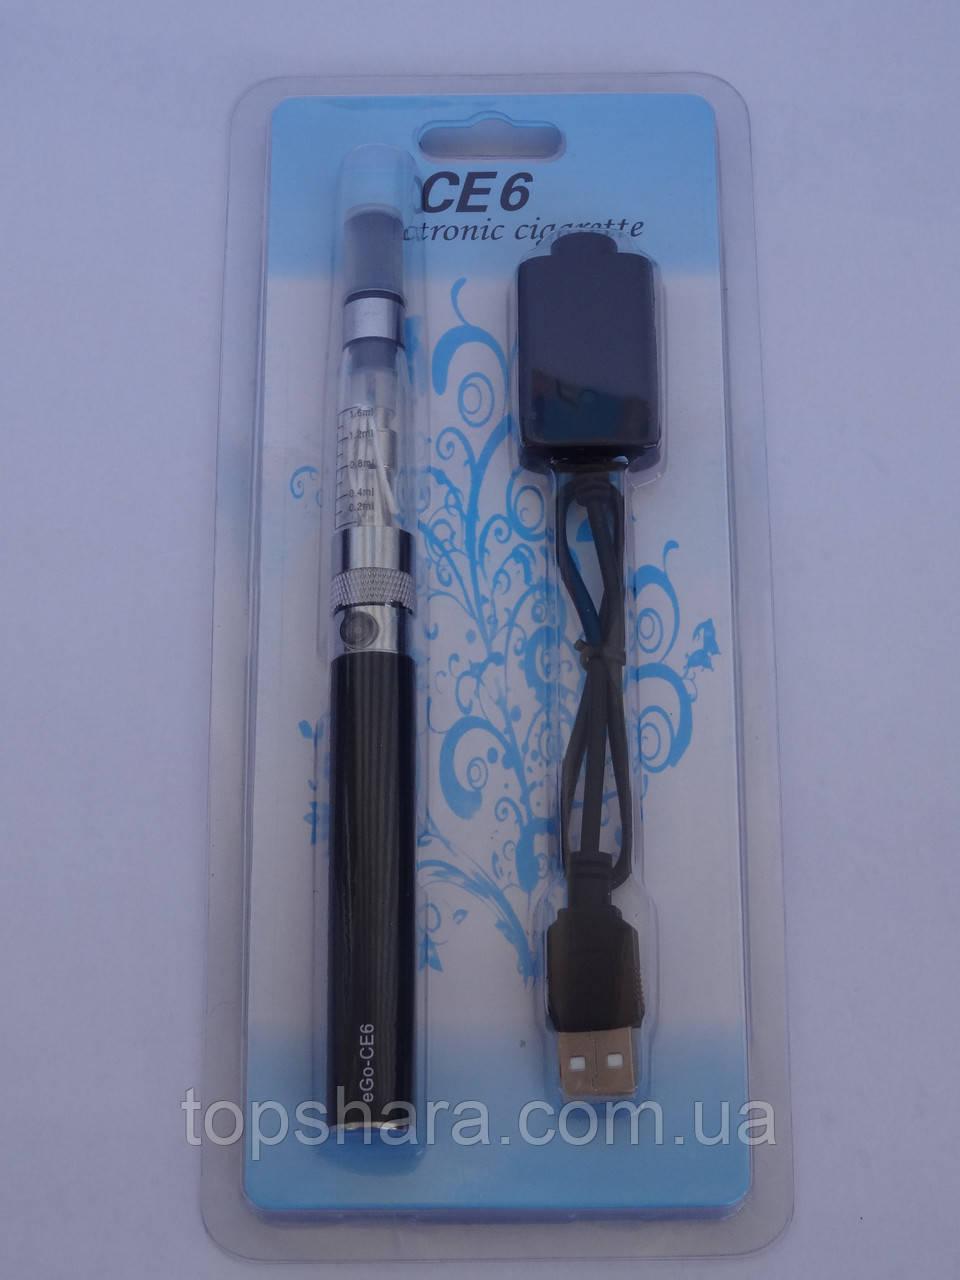 Электронная сигарета eGo CE6 1100 mAh черная, блистерная упаковка